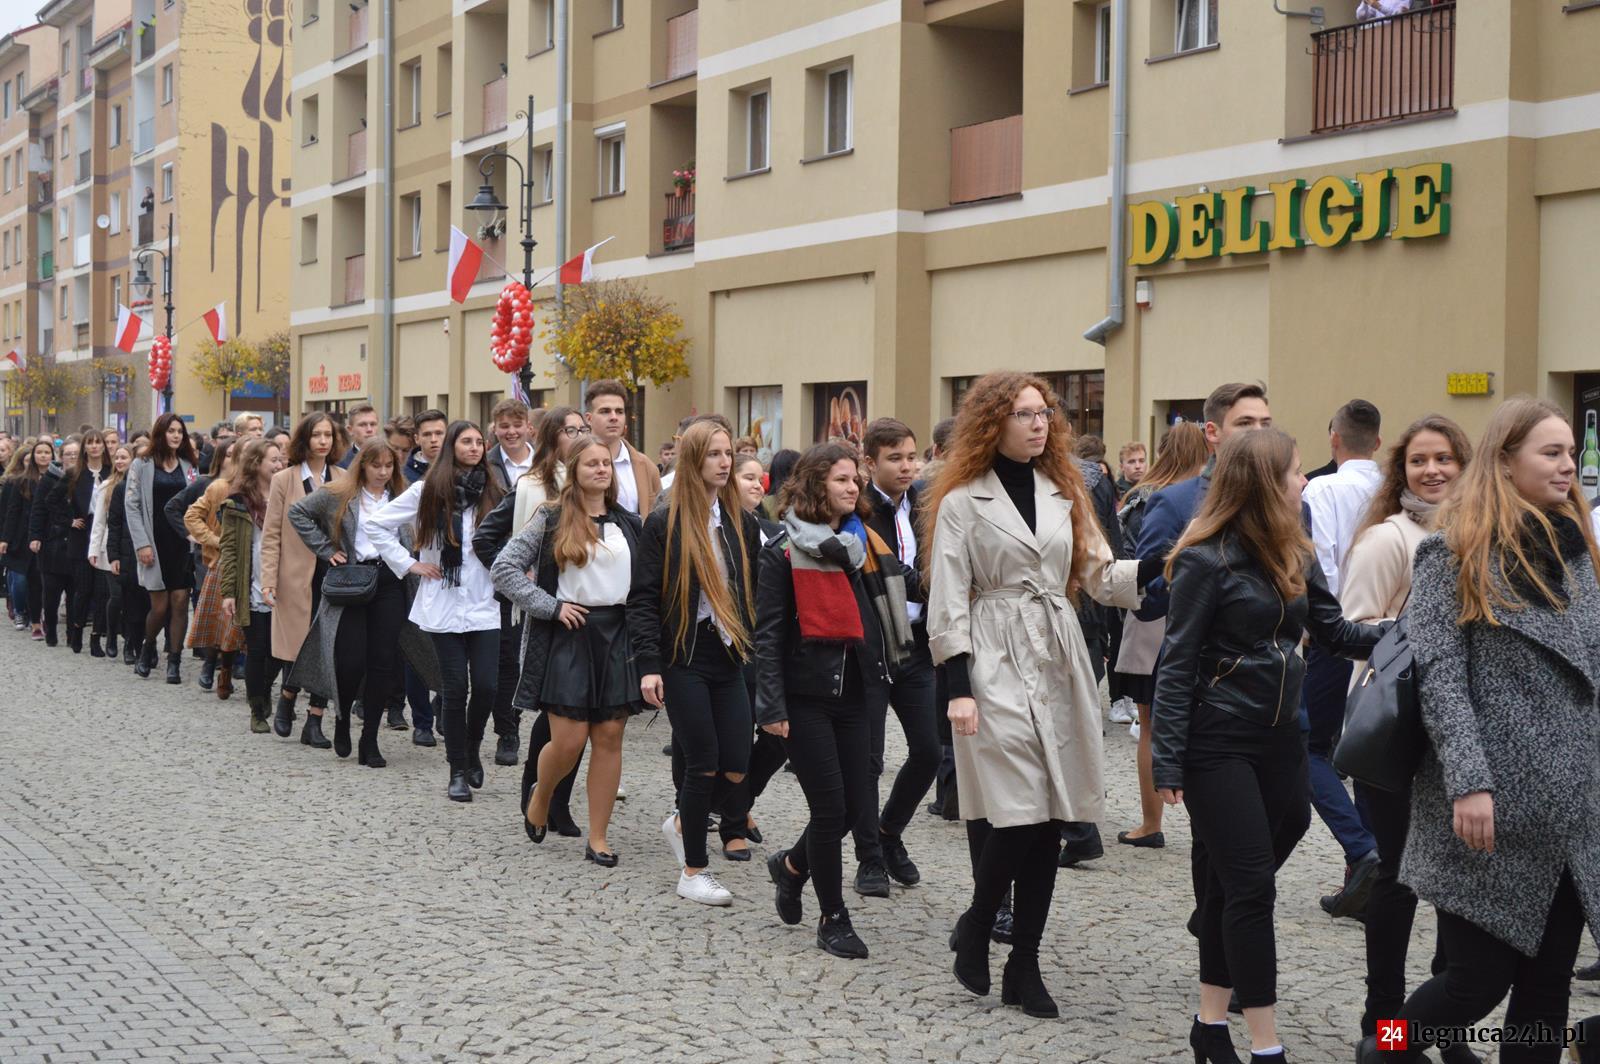 (FOTO) Legnica: Inauguracja miejskich obchodów Święta Niepodległości – Polonez na 100 par